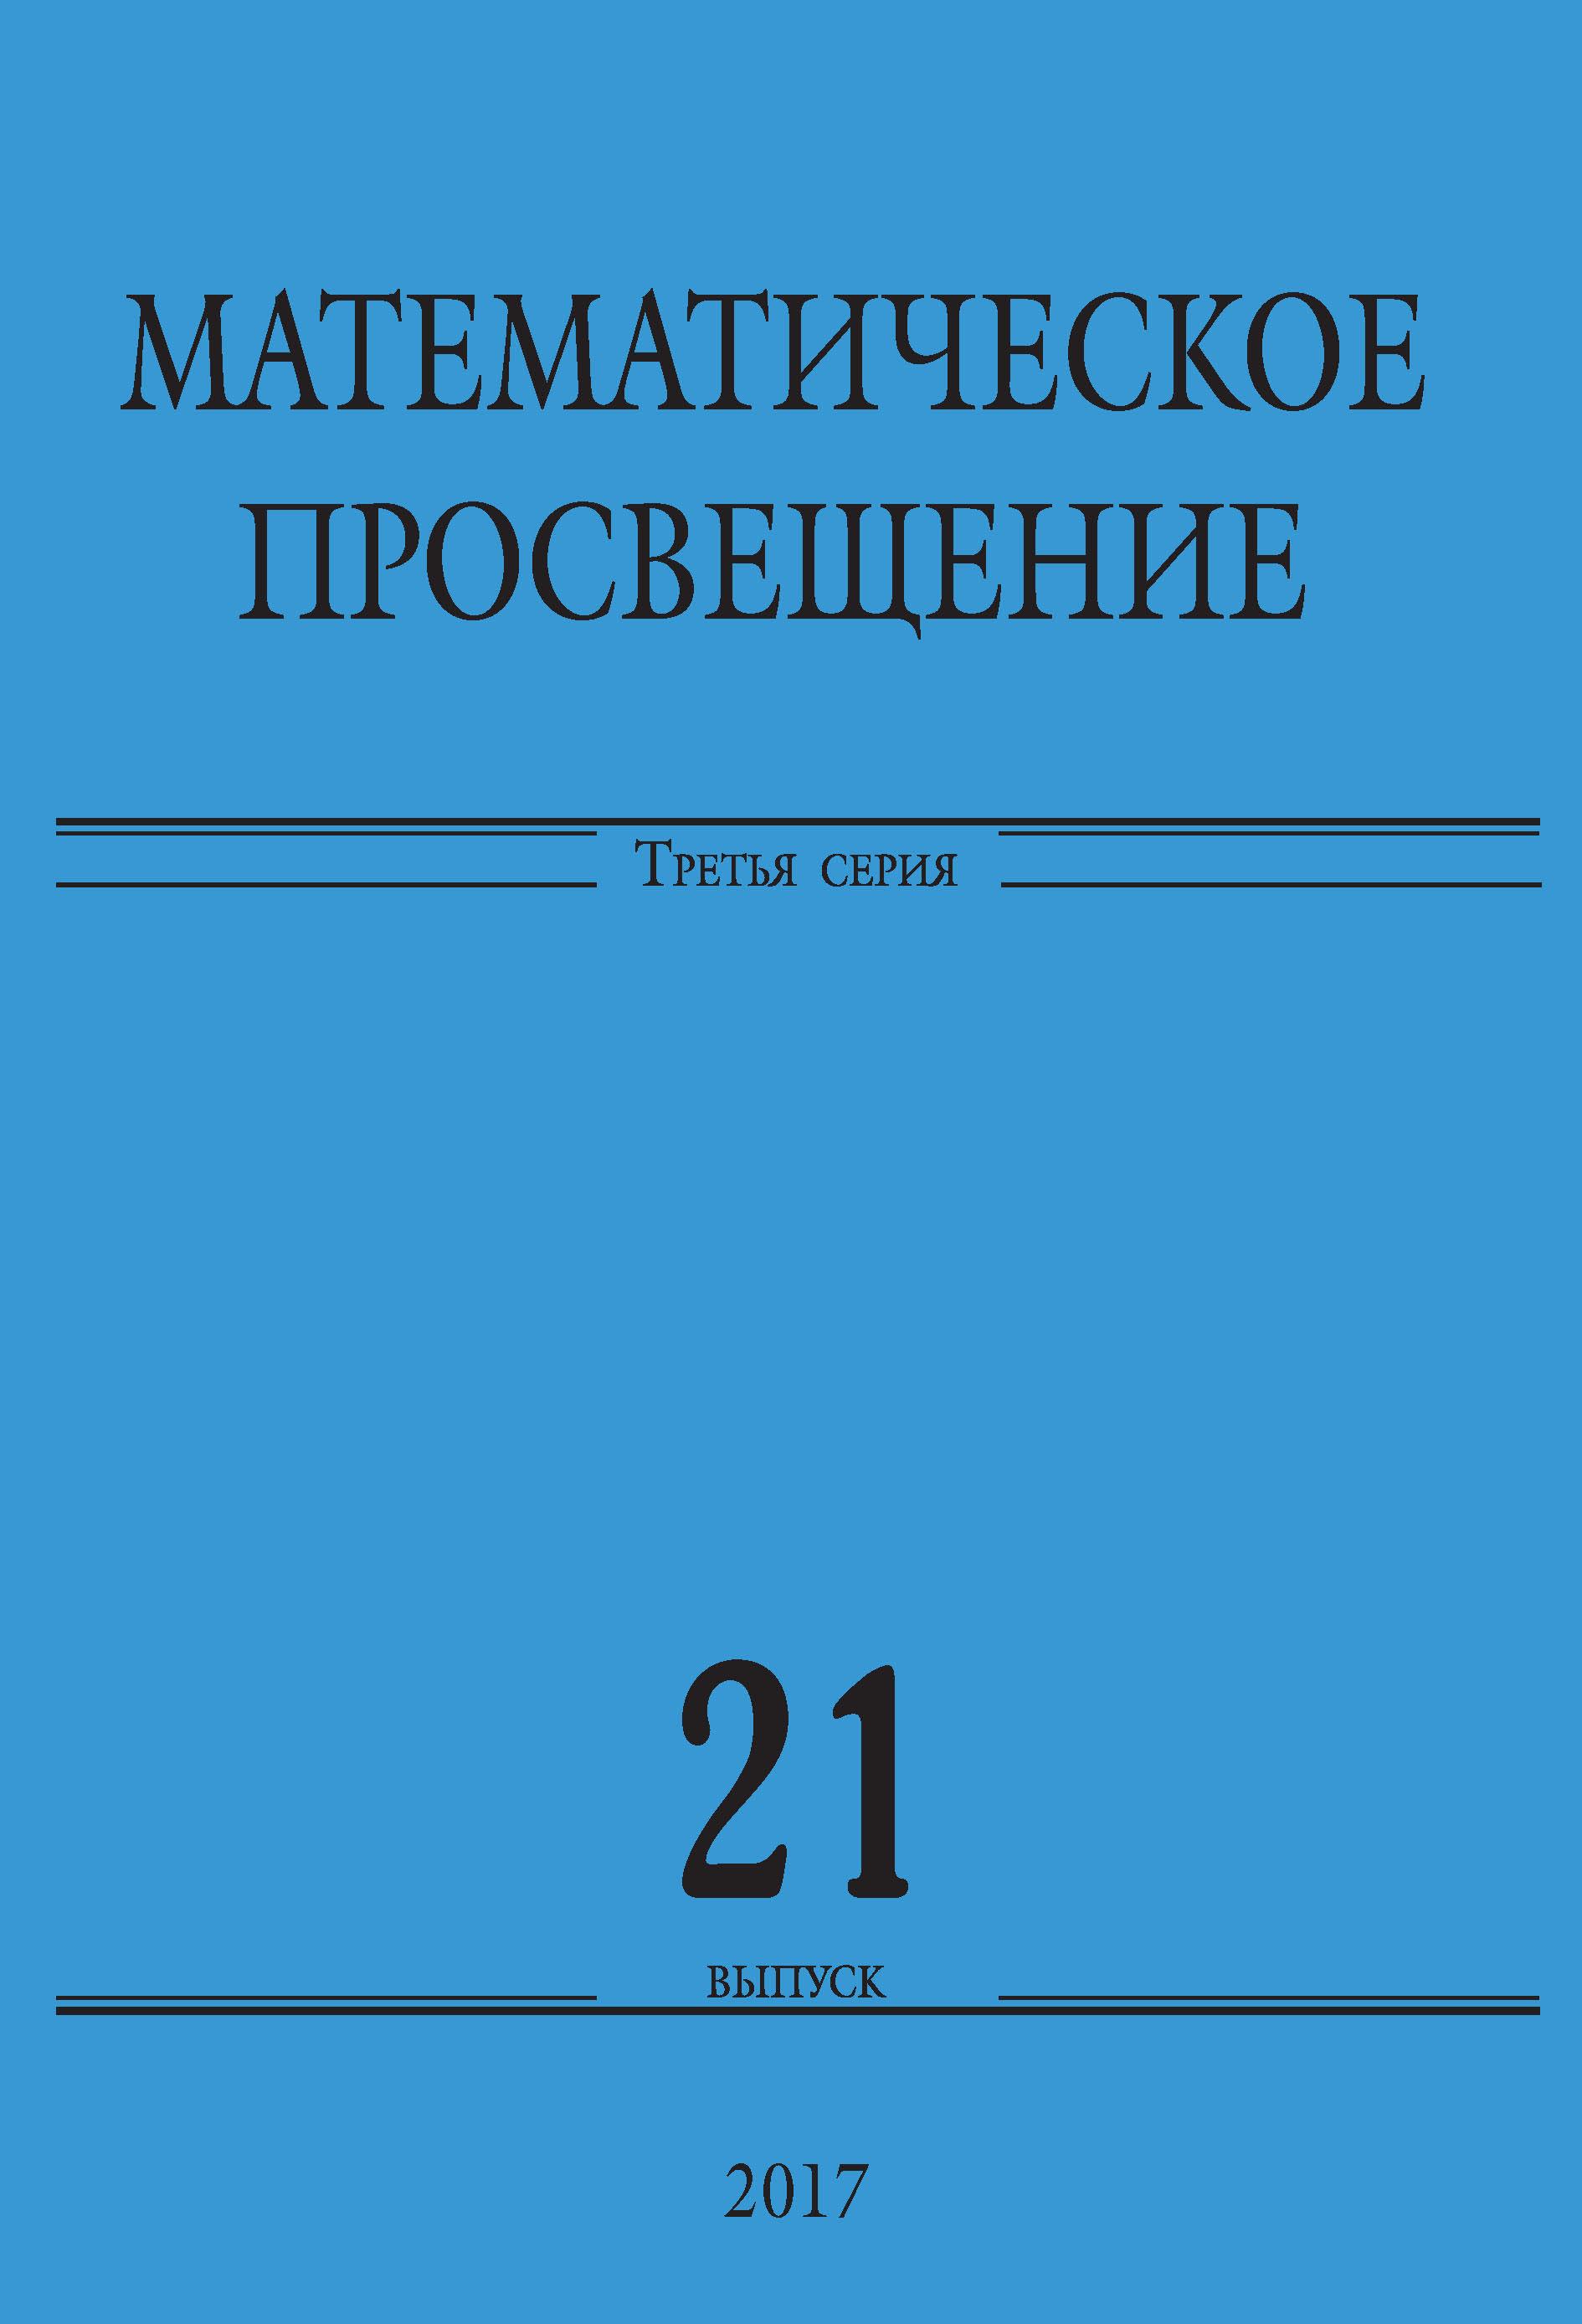 Сборник статей Математическое просвещение. Третья серия. Выпуск 21 сборник статей математическое просвещение третья серия выпуск 21